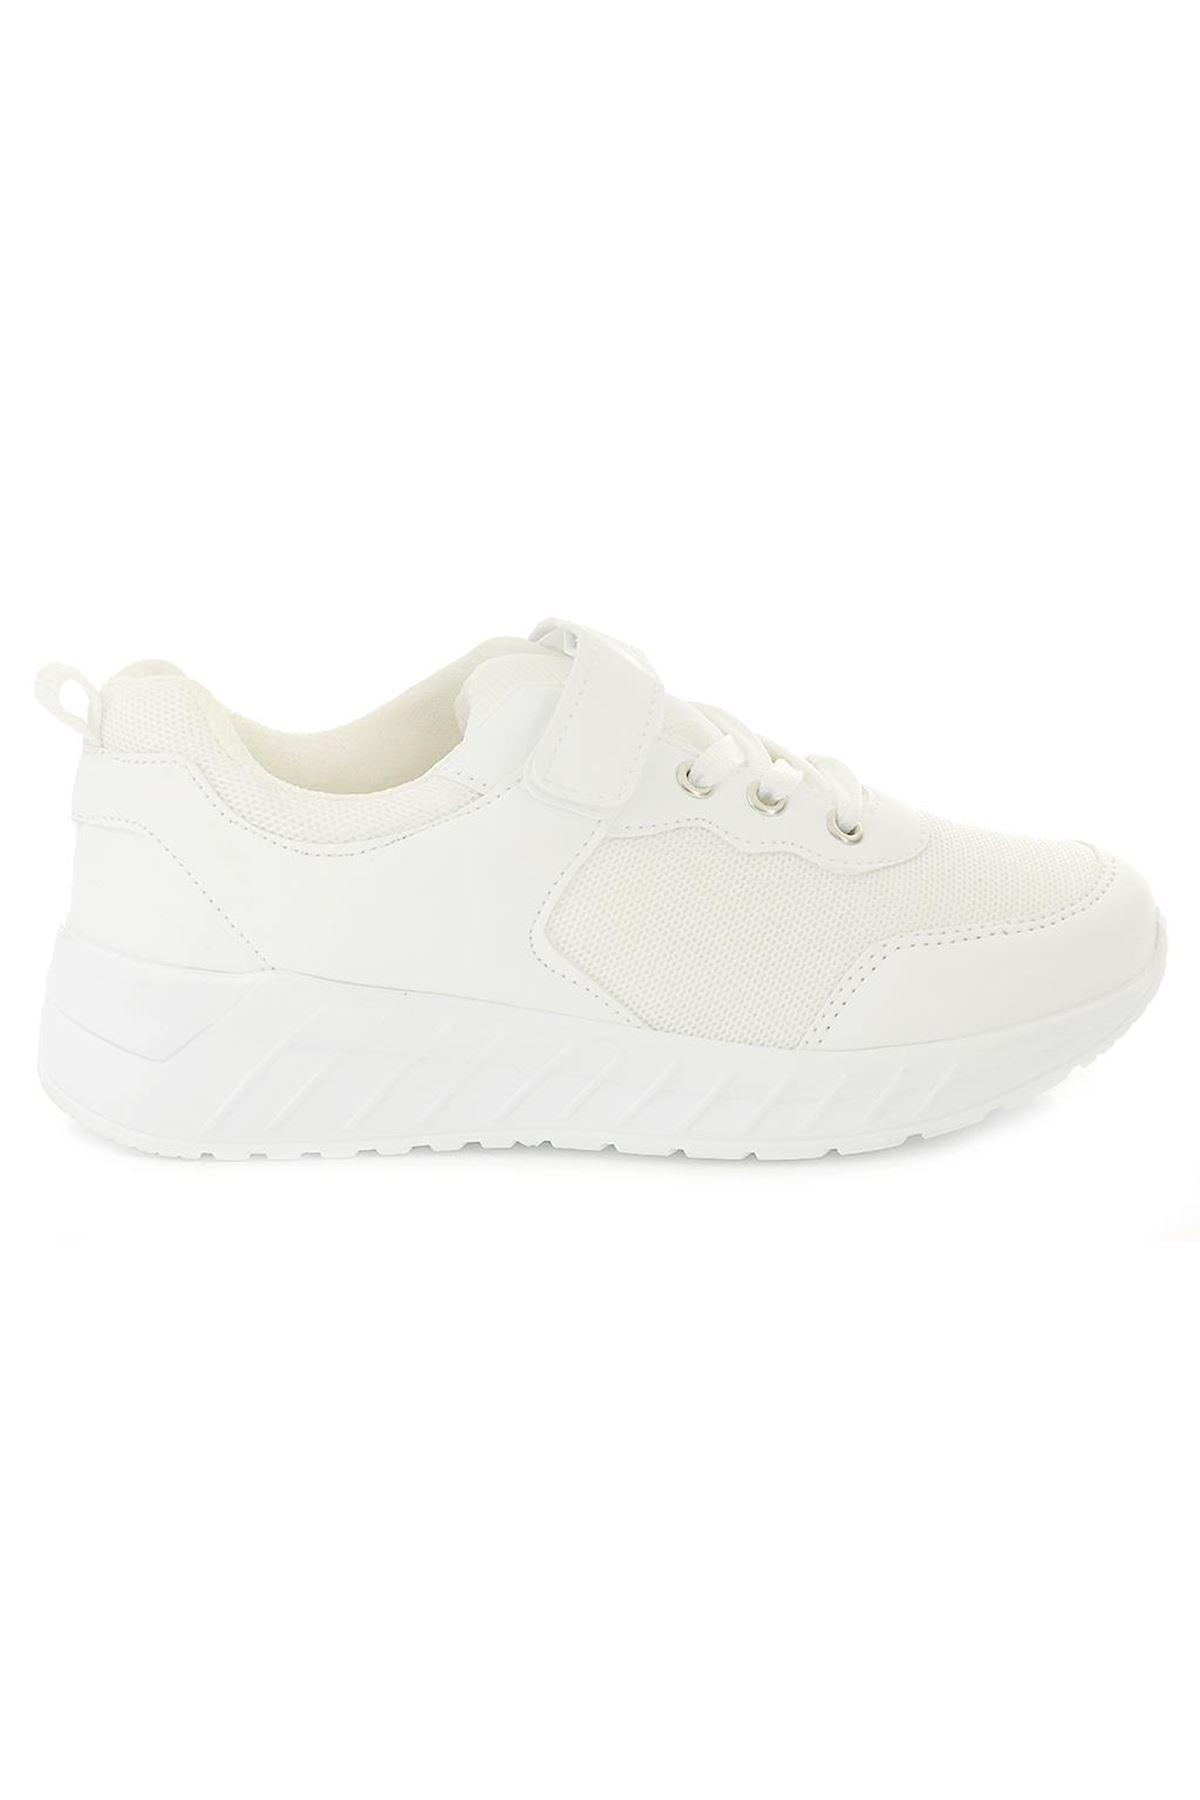 Rolax 0032 Beyaz Erkek Çocuk Spor Ayakkabı